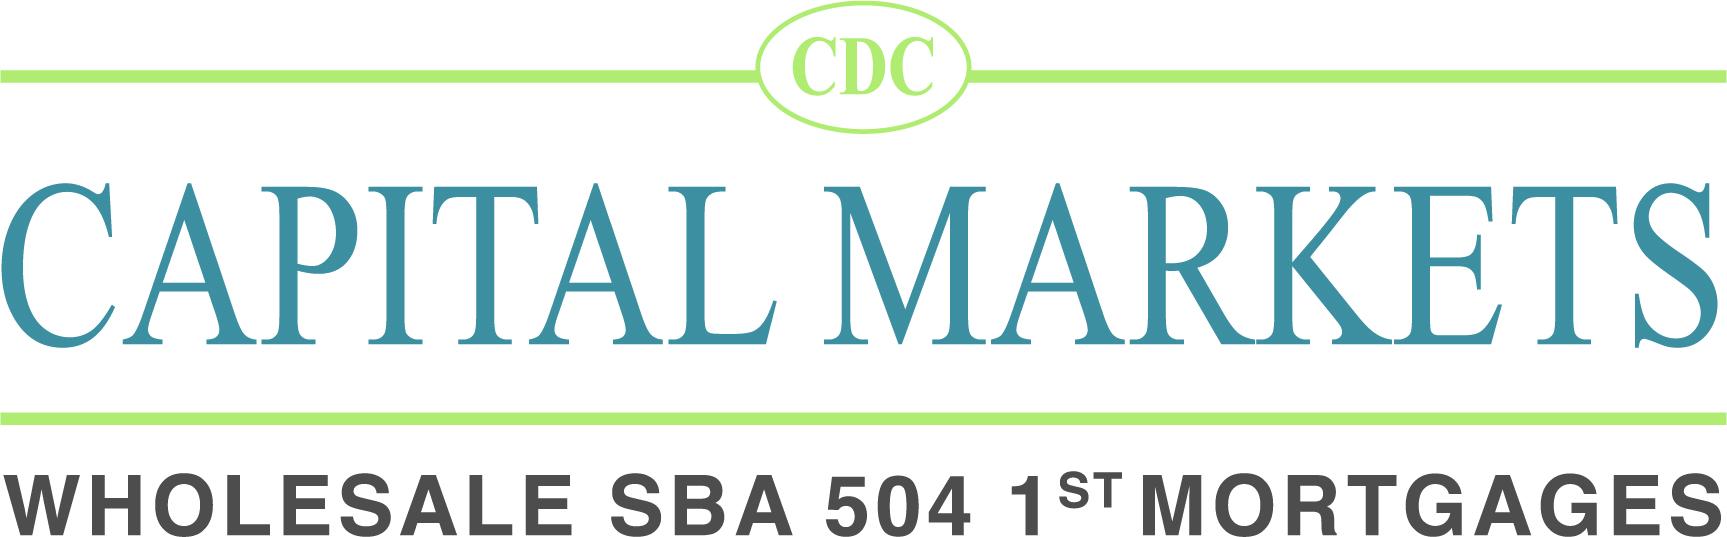 CDCCapitalMarkets_logo_FINAL_paths